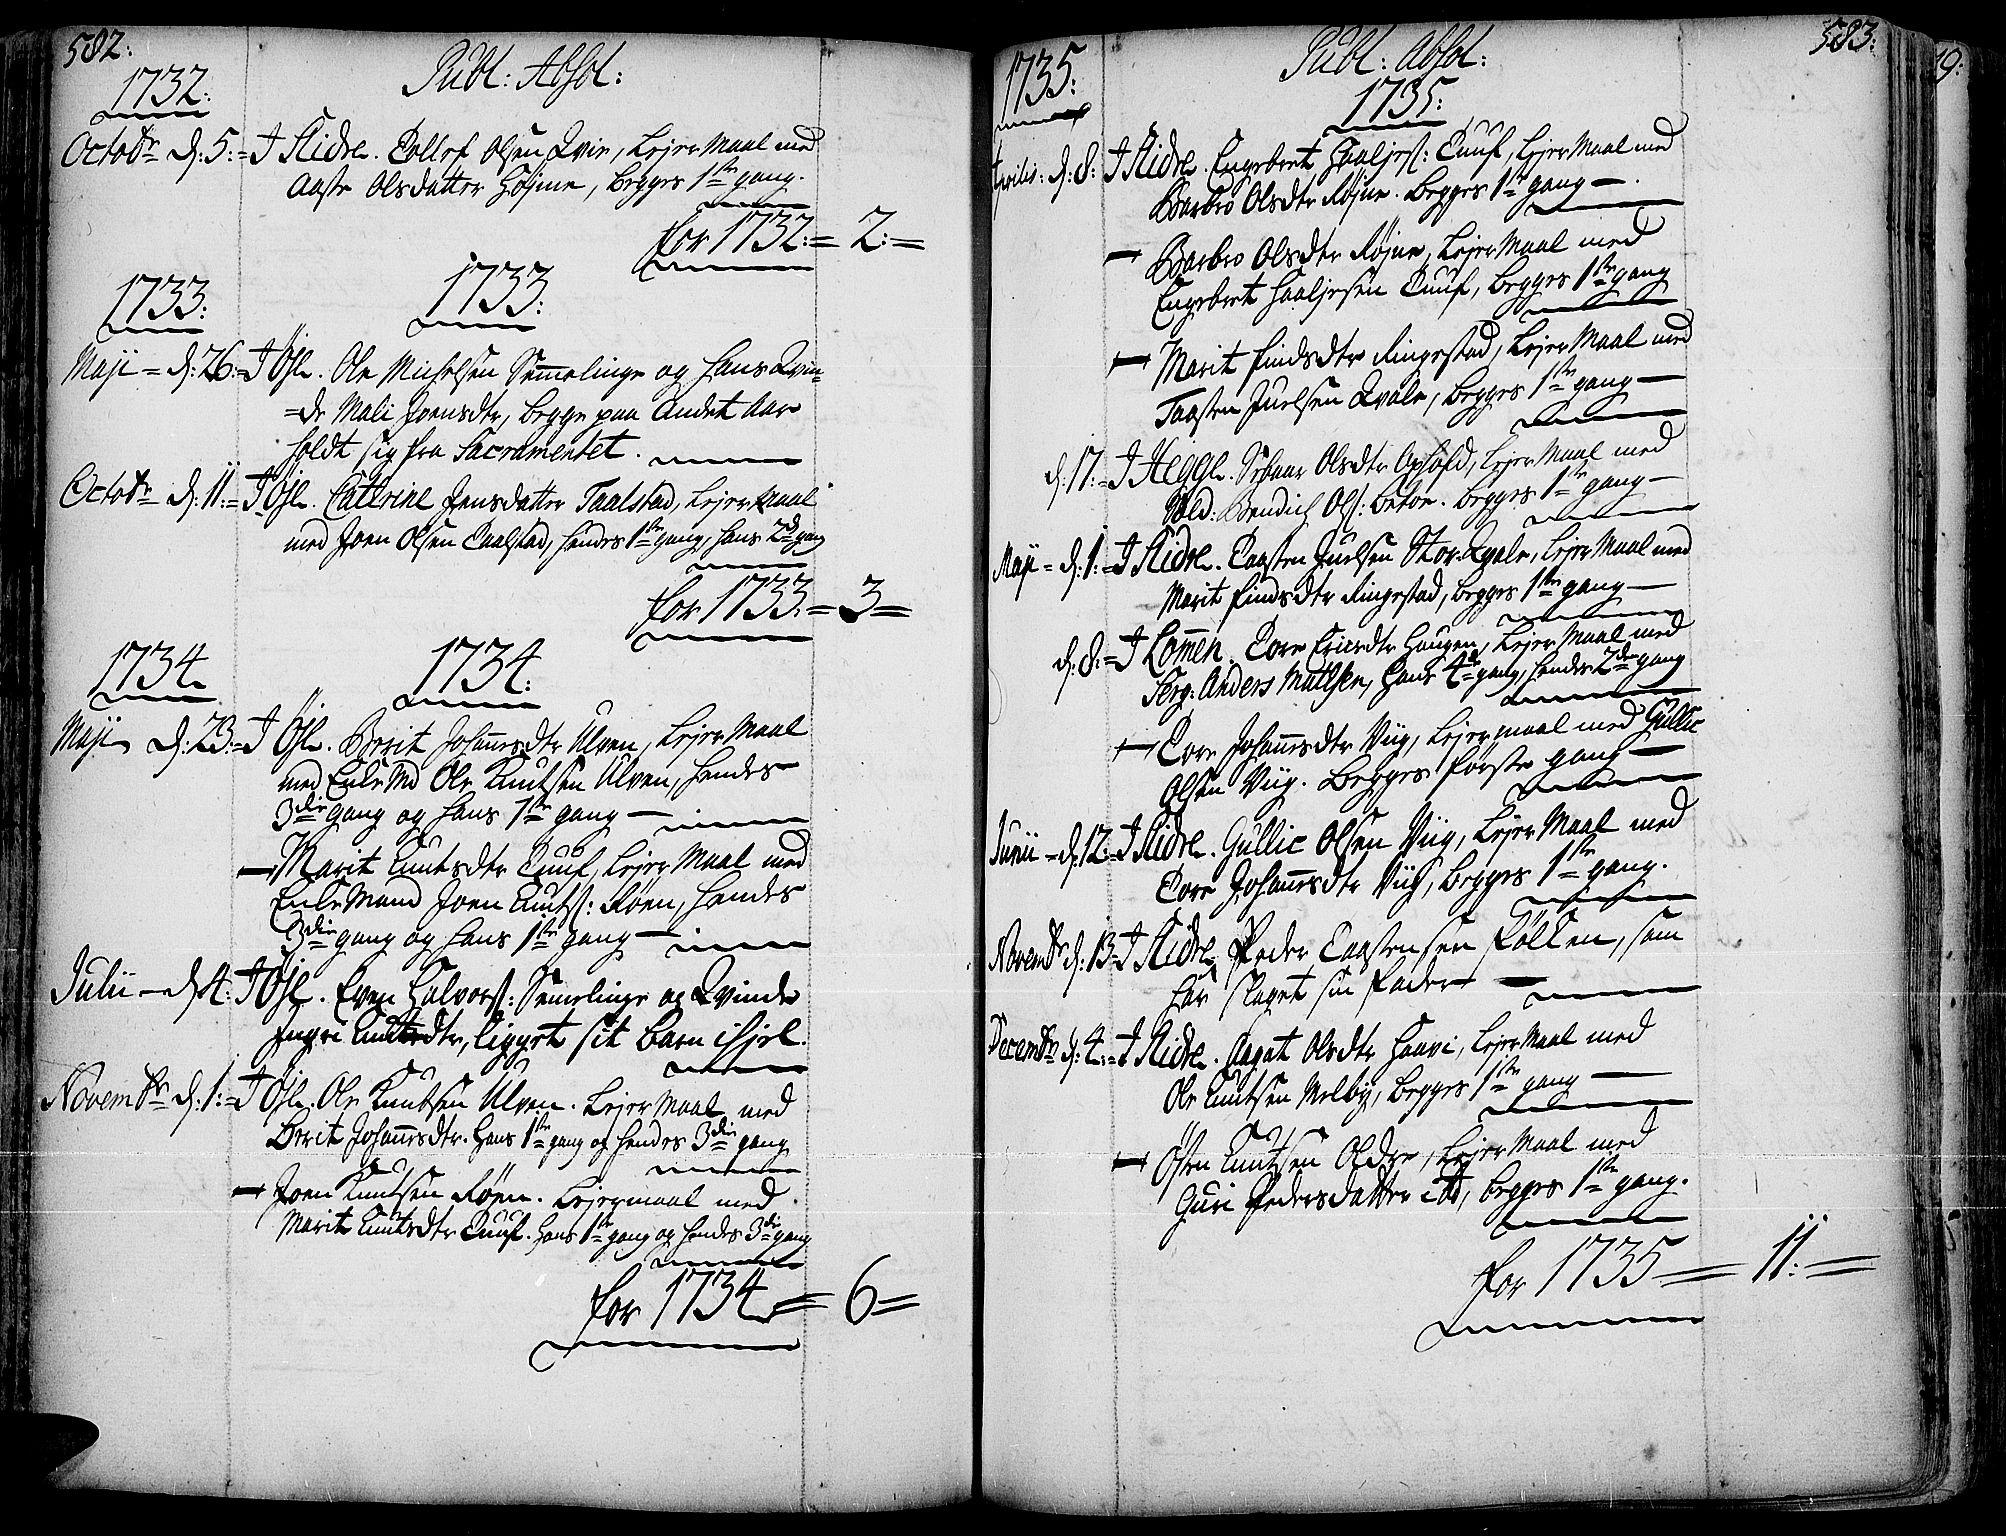 SAH, Slidre prestekontor, Ministerialbok nr. 1, 1724-1814, s. 582-583